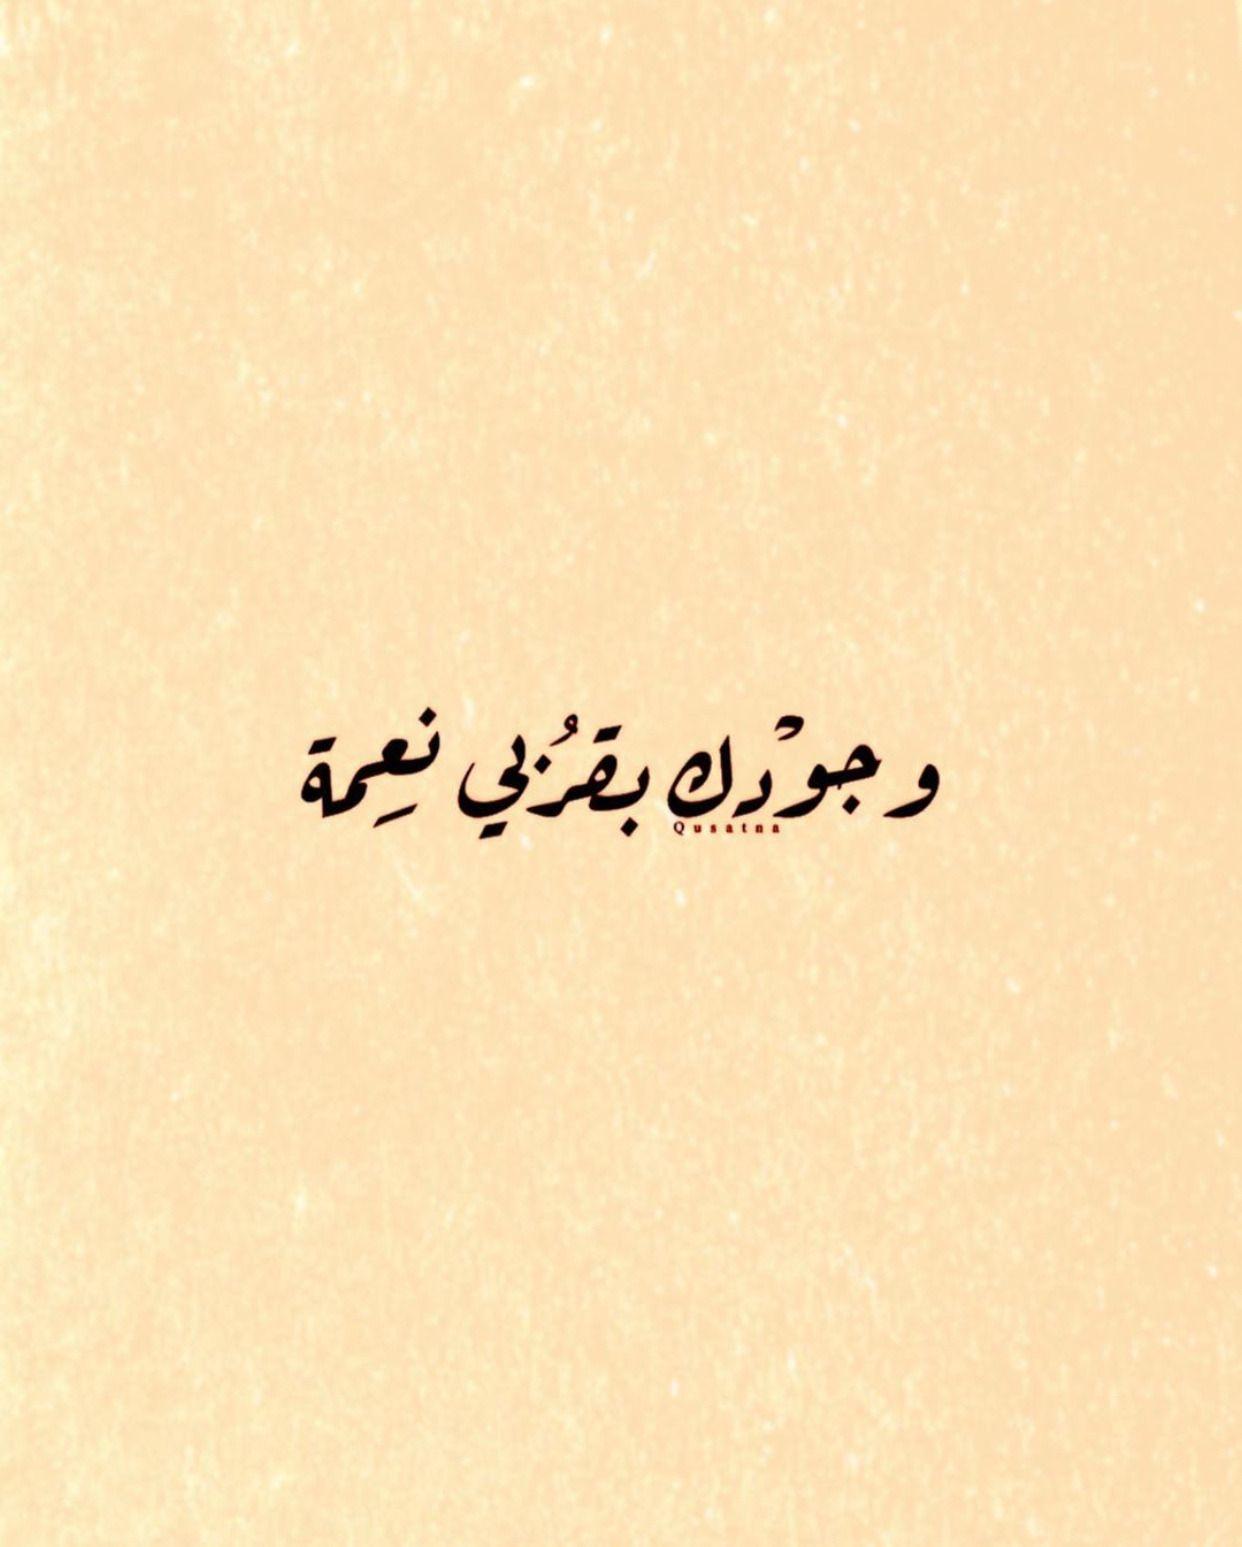 وجودك بقربي نعمة Funny Arabic Quotes Its Friday Quotes Love Quotes